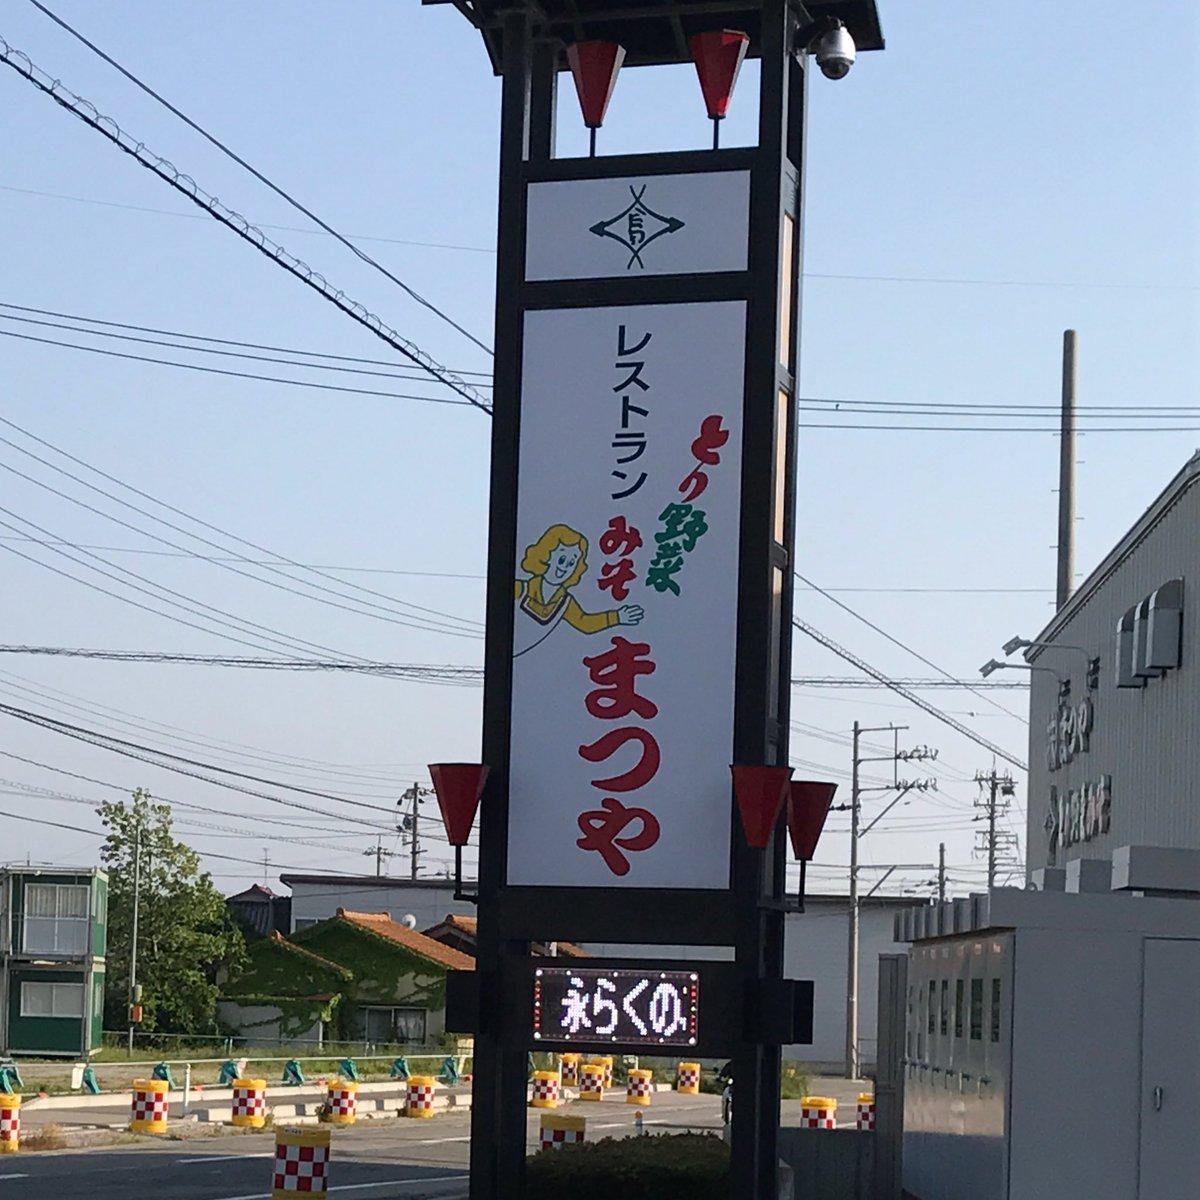 先週の洲崎西イベントにて、ぺがお薦めしていた「とり野菜みそ」のメーカー直営レストランでとり野菜豆乳鍋を頂く。みその存在感